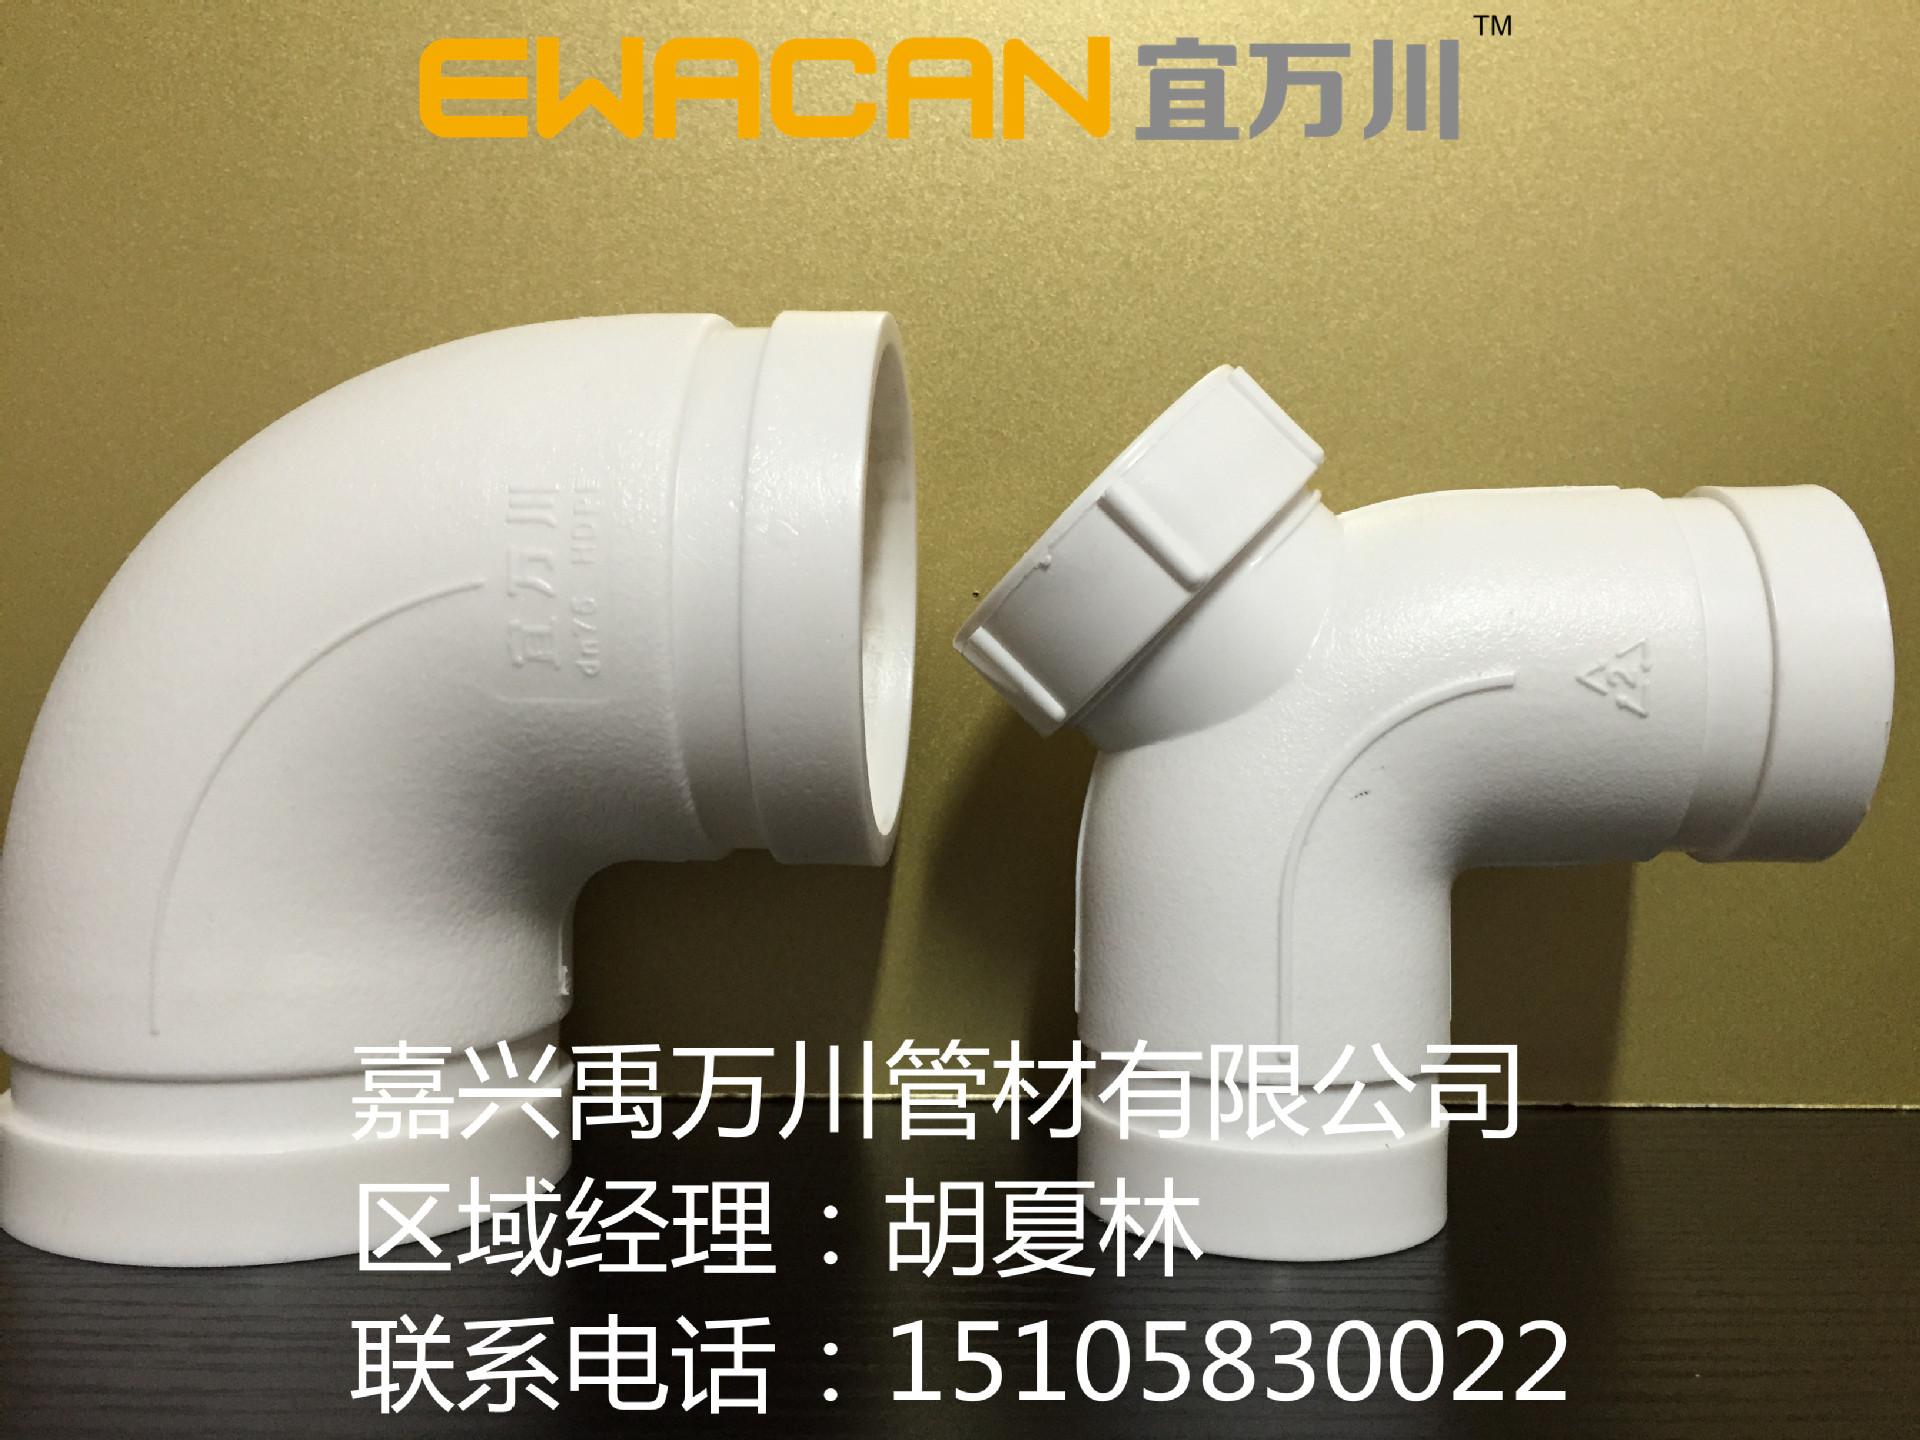 沟槽式HDPE超静音排水管,hdpe沟槽90度弯头,沟槽PE管,PE管示例图9